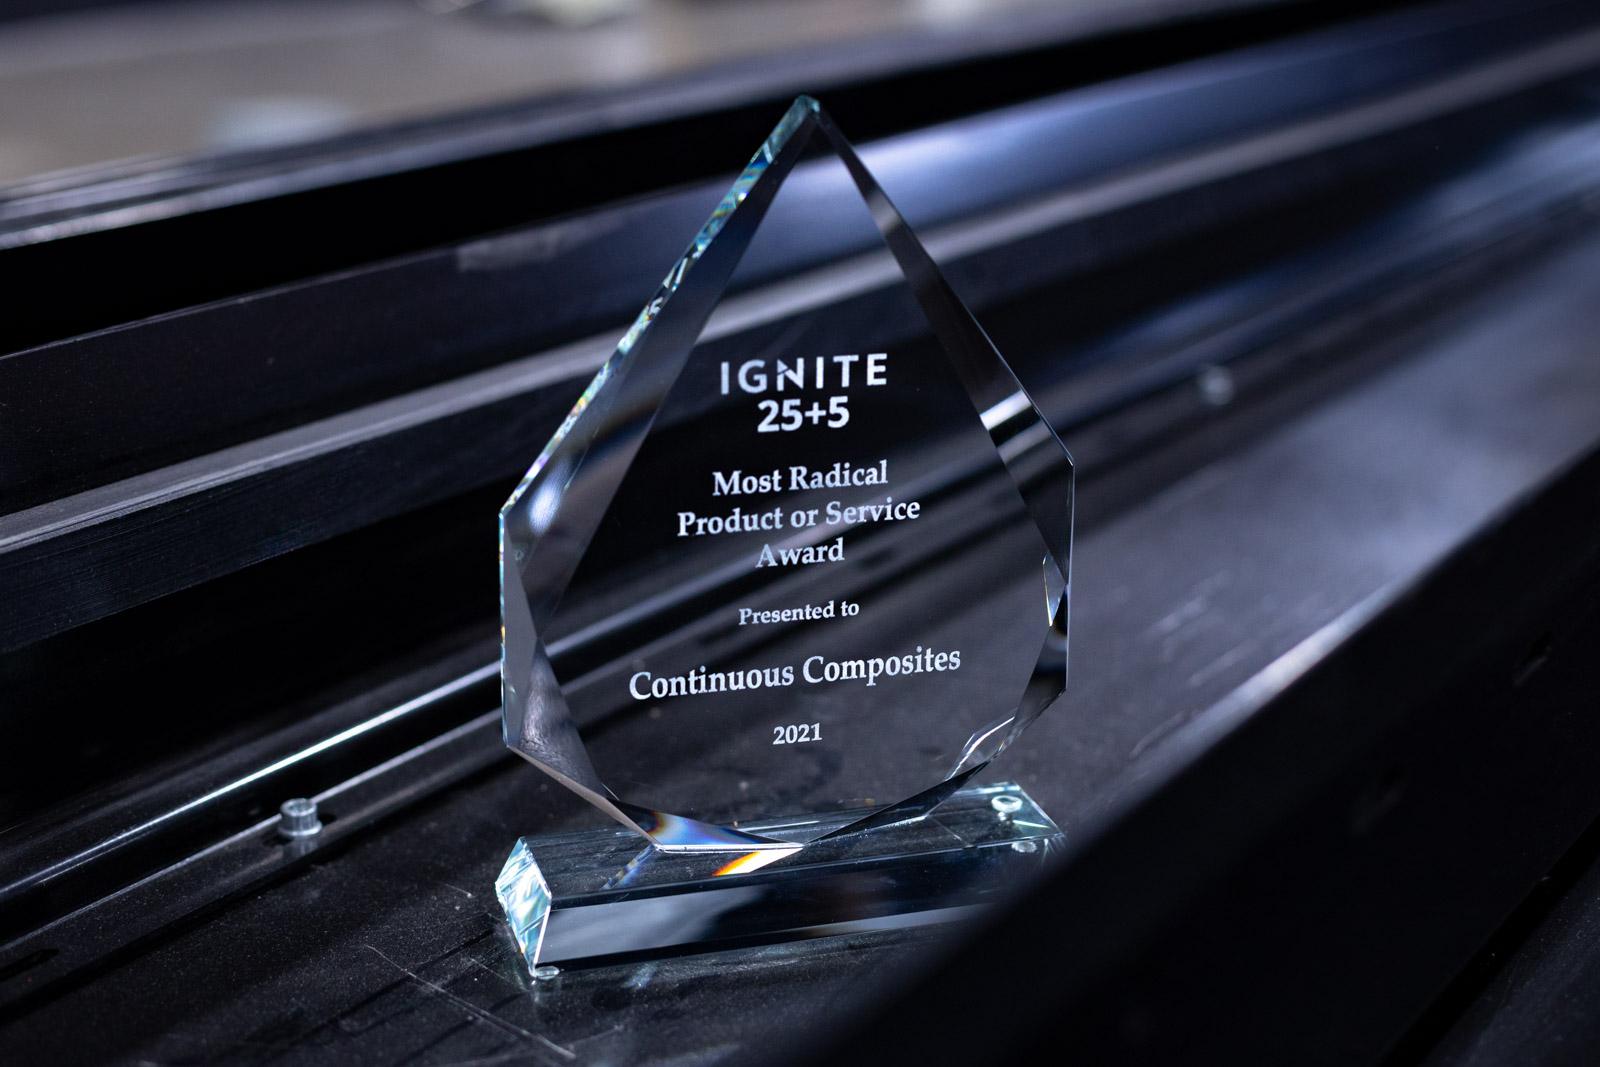 Ignite Northwest 25+5 Award